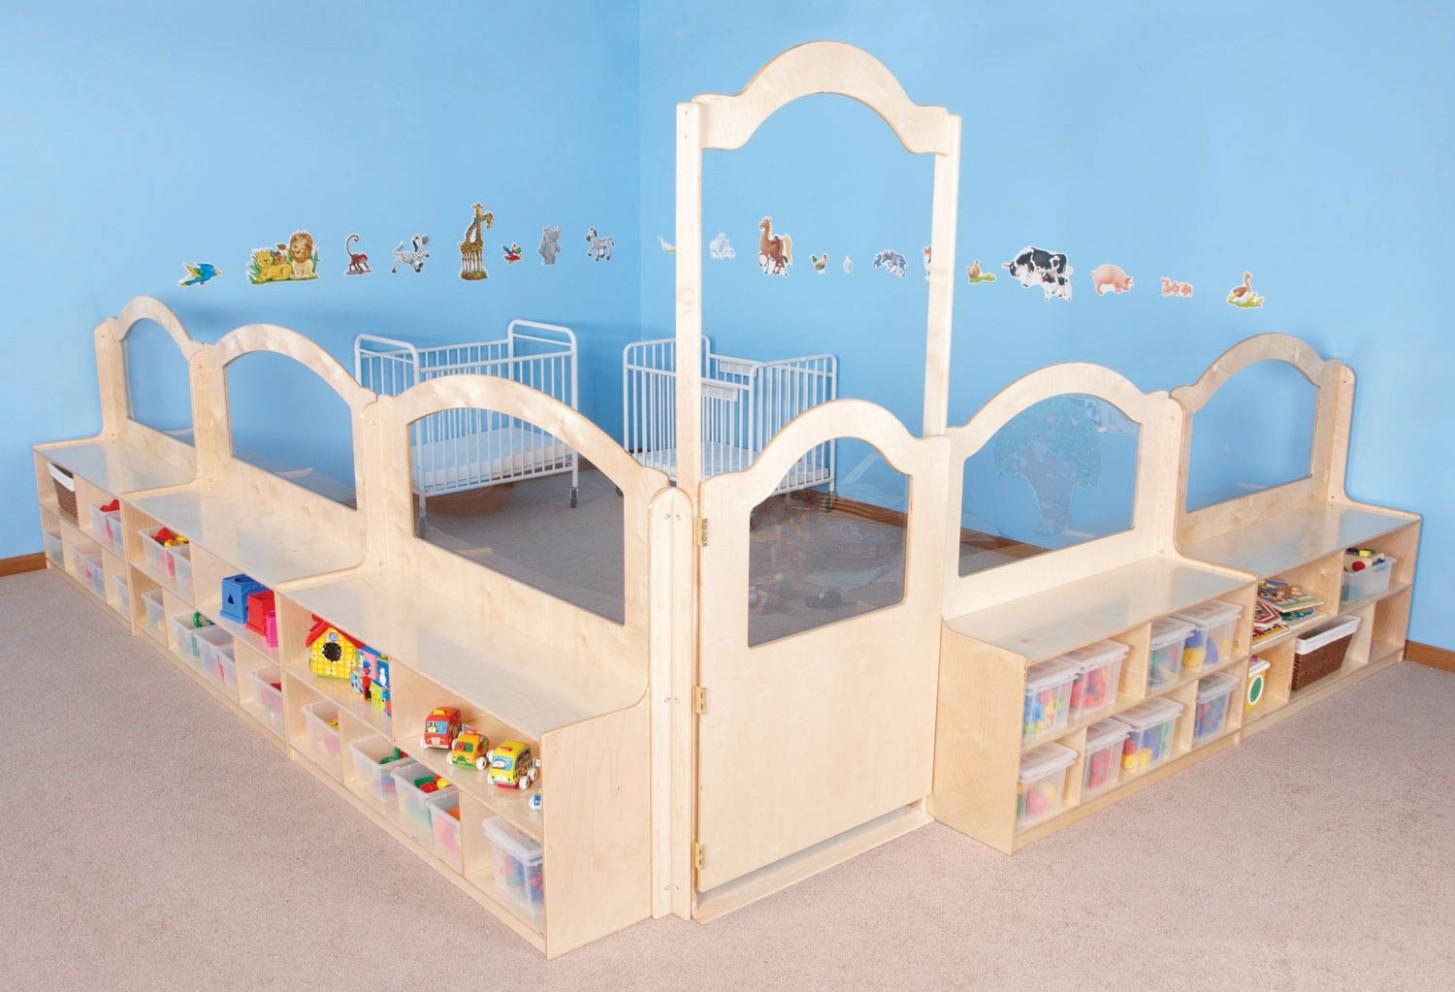 Mainstream Wave Infant Room Divider System - Baby Room Divider